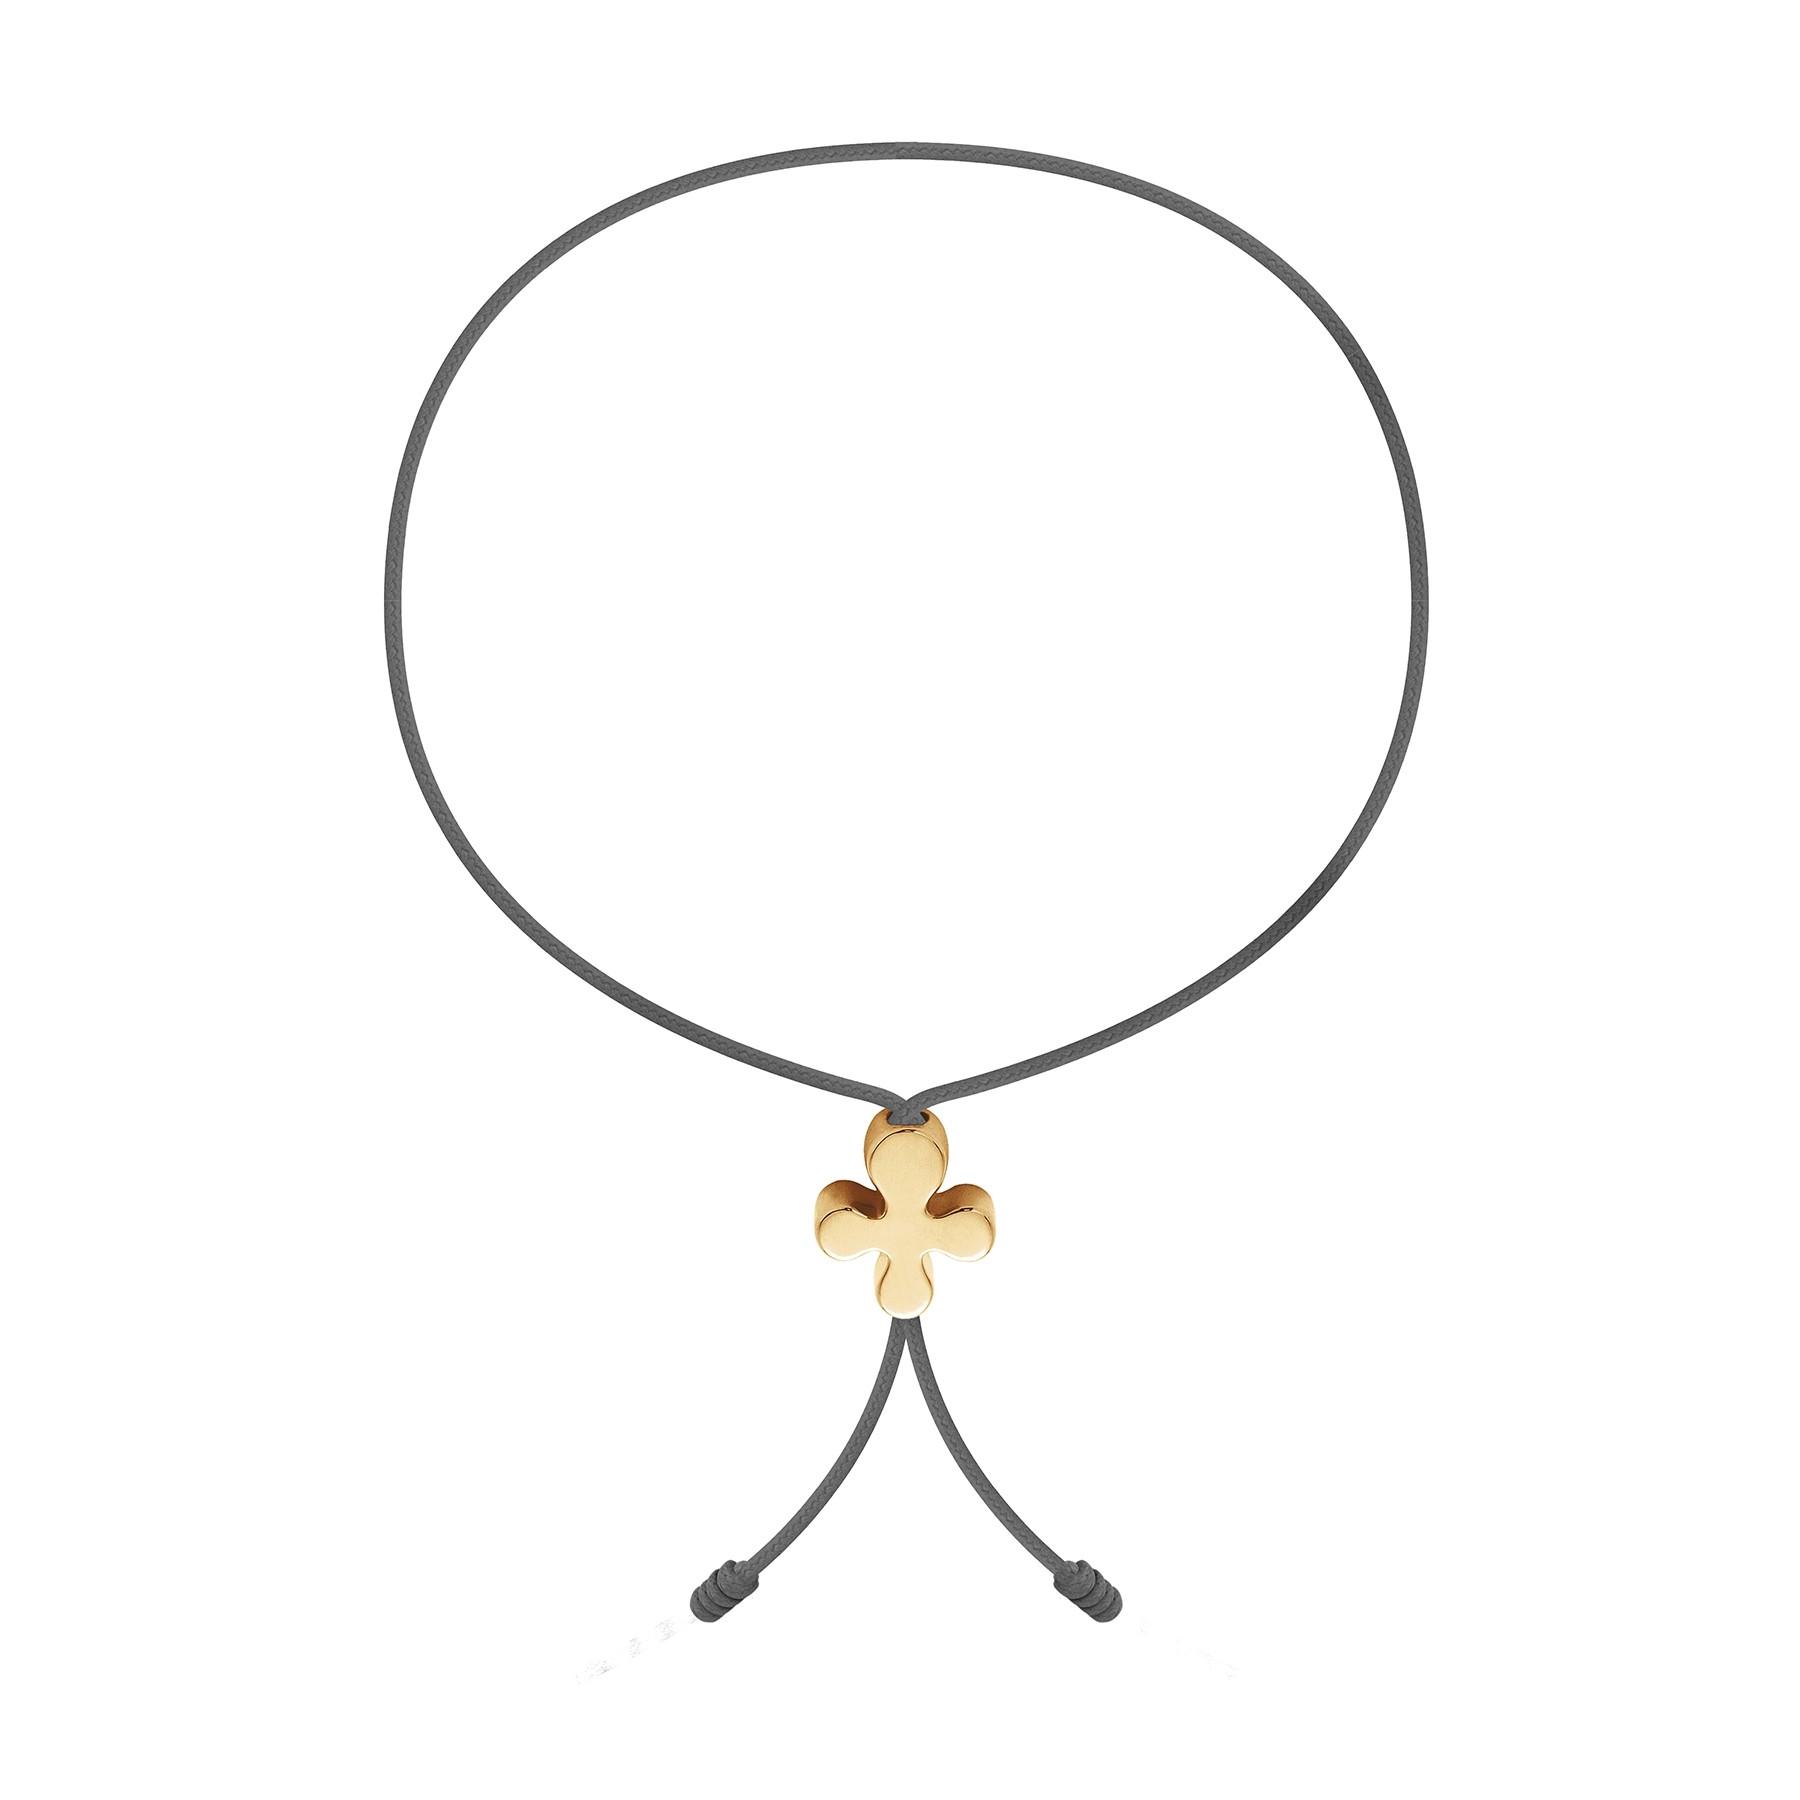 Bracelet avec Clover Lock en or poinçon 585 sur un cordon fin gris foncé